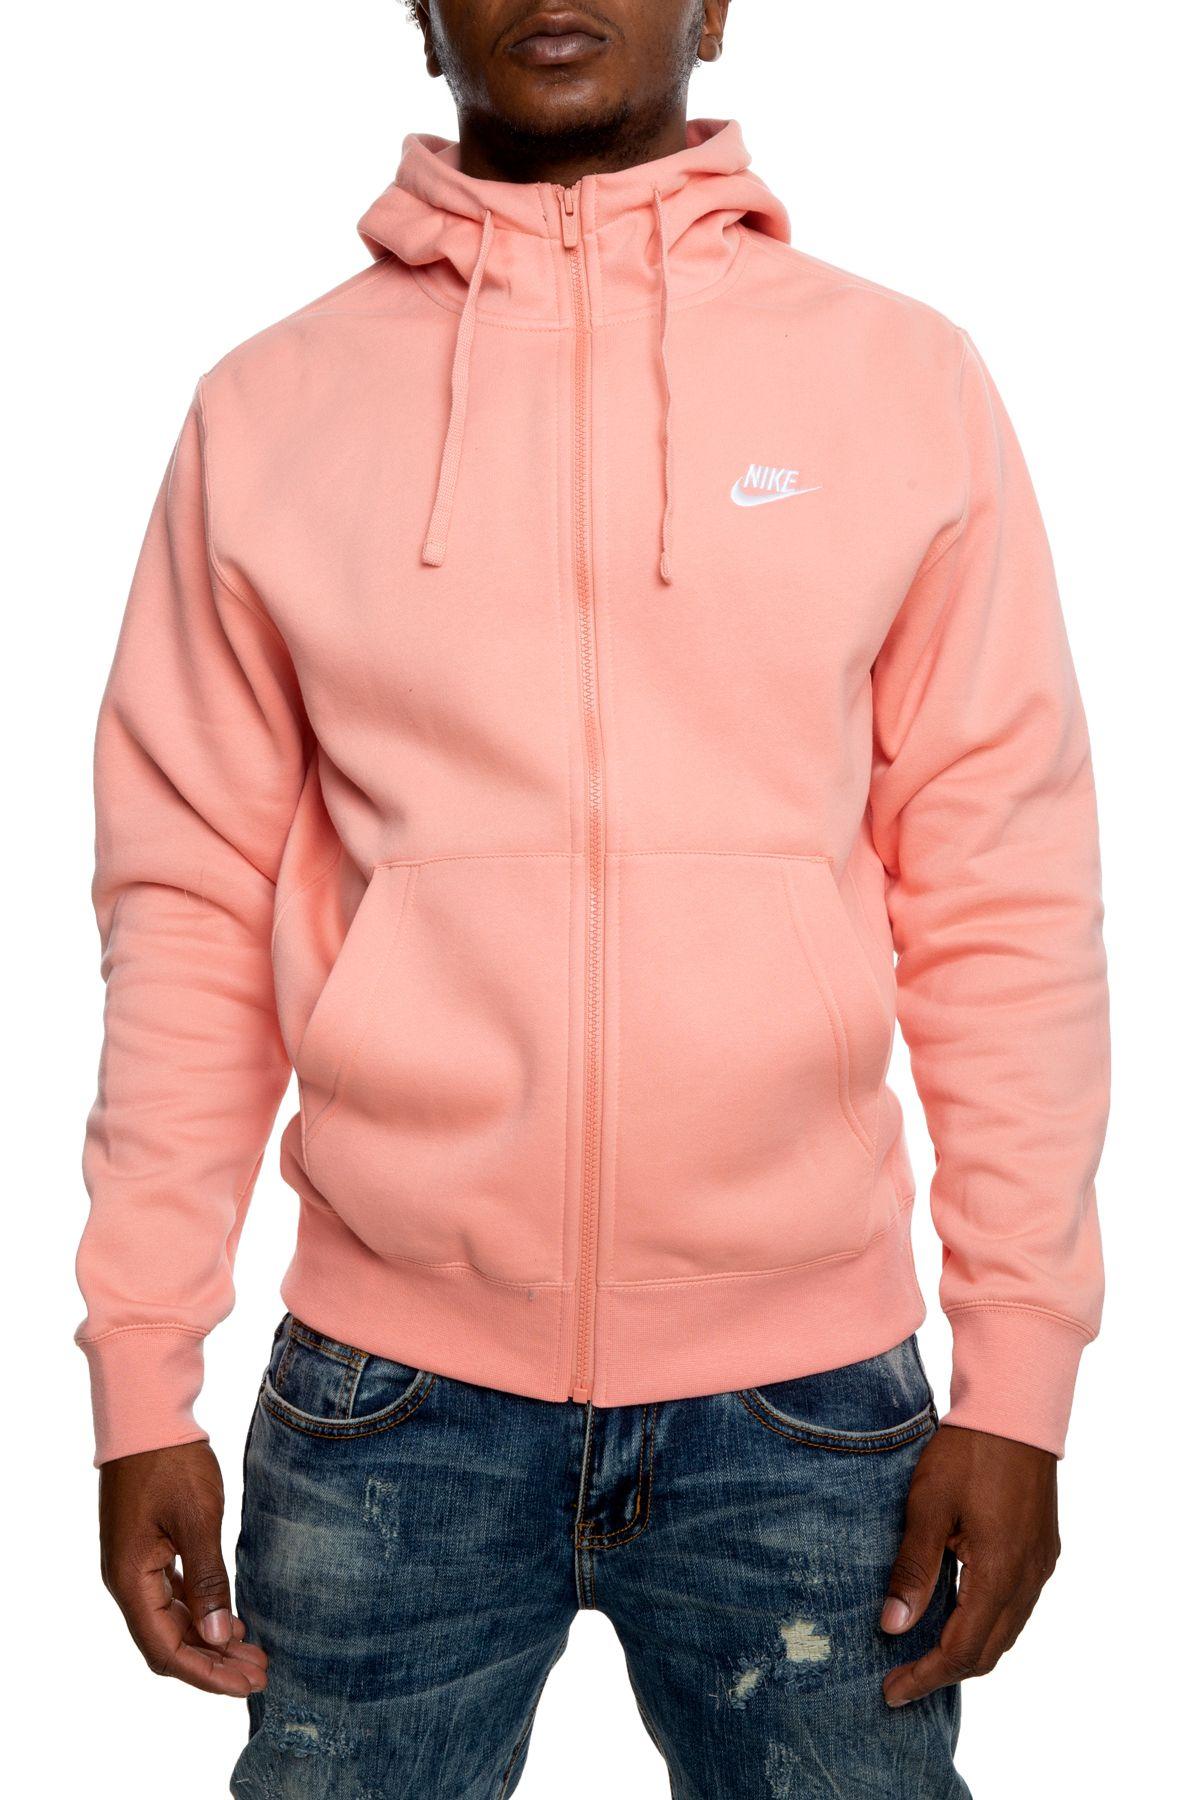 nike fleece zip up hoodie